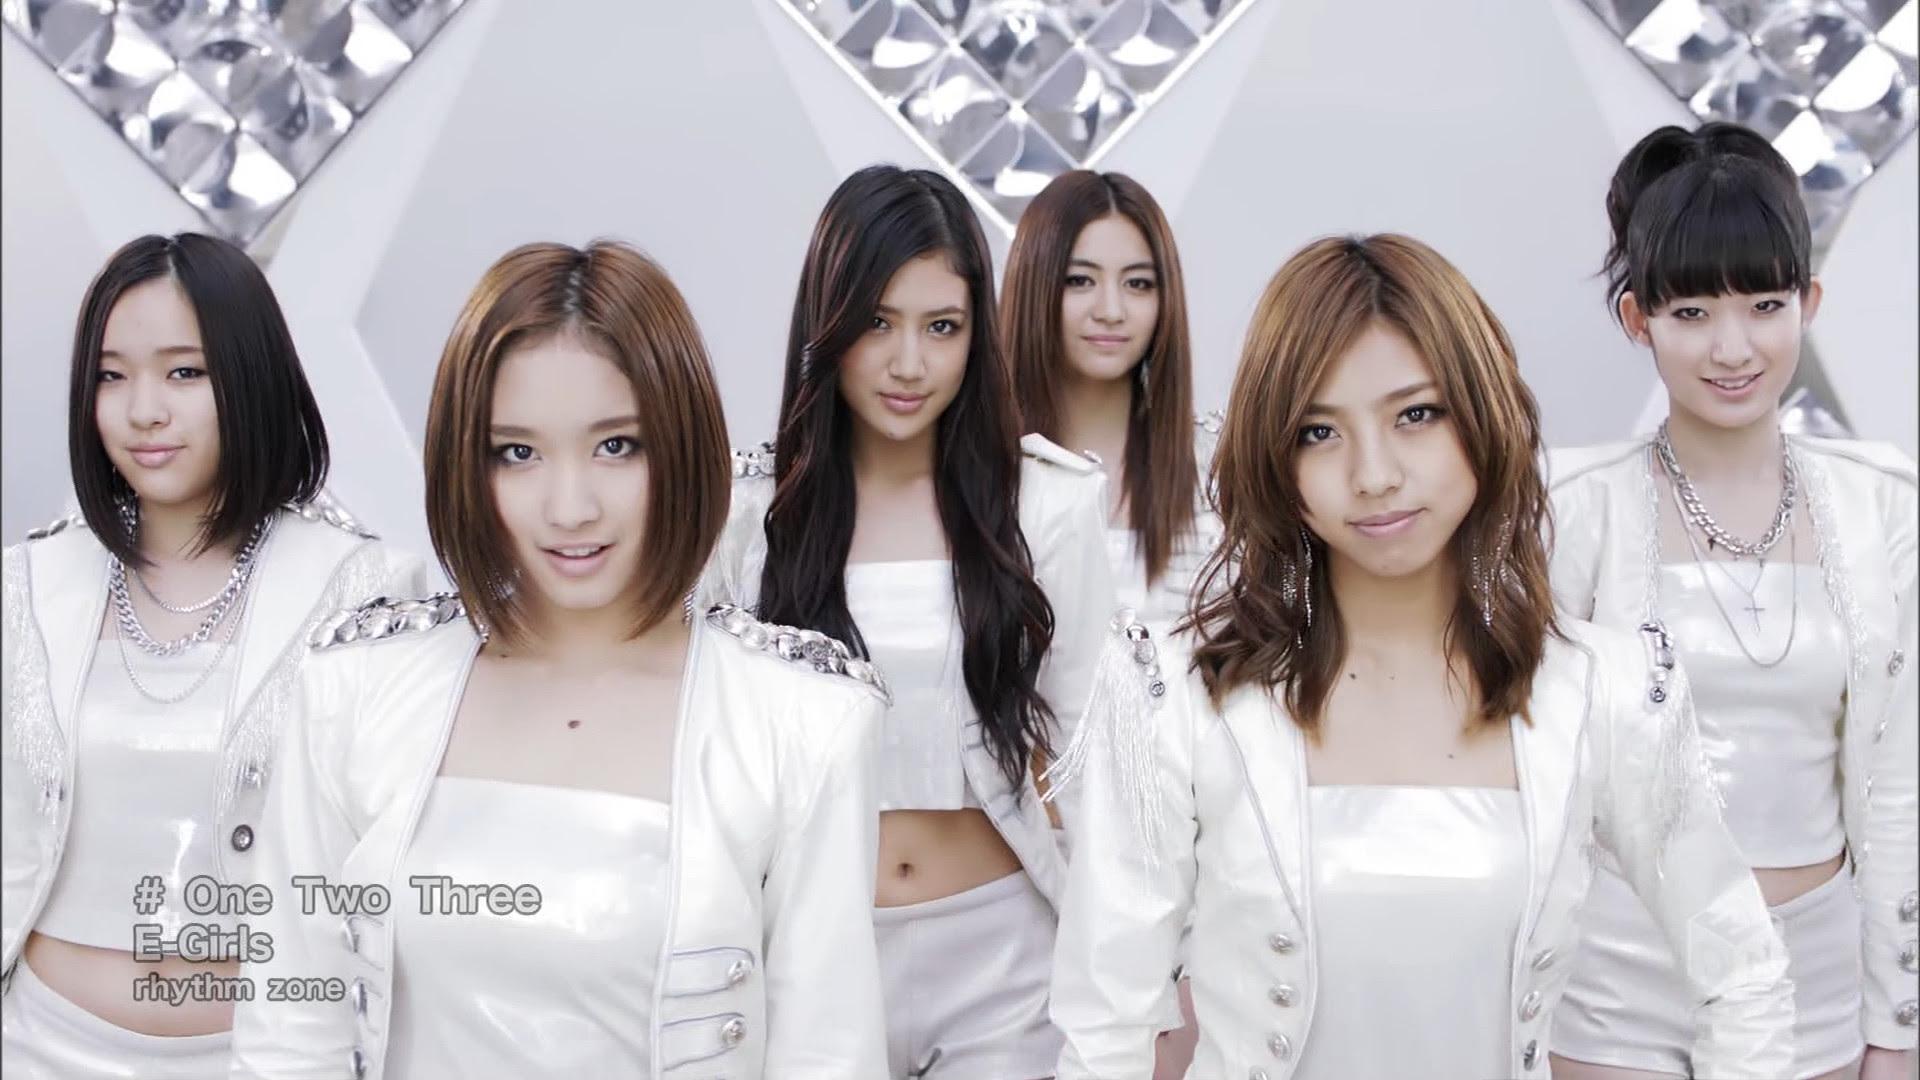 玩具箱 One Two Three E Girls